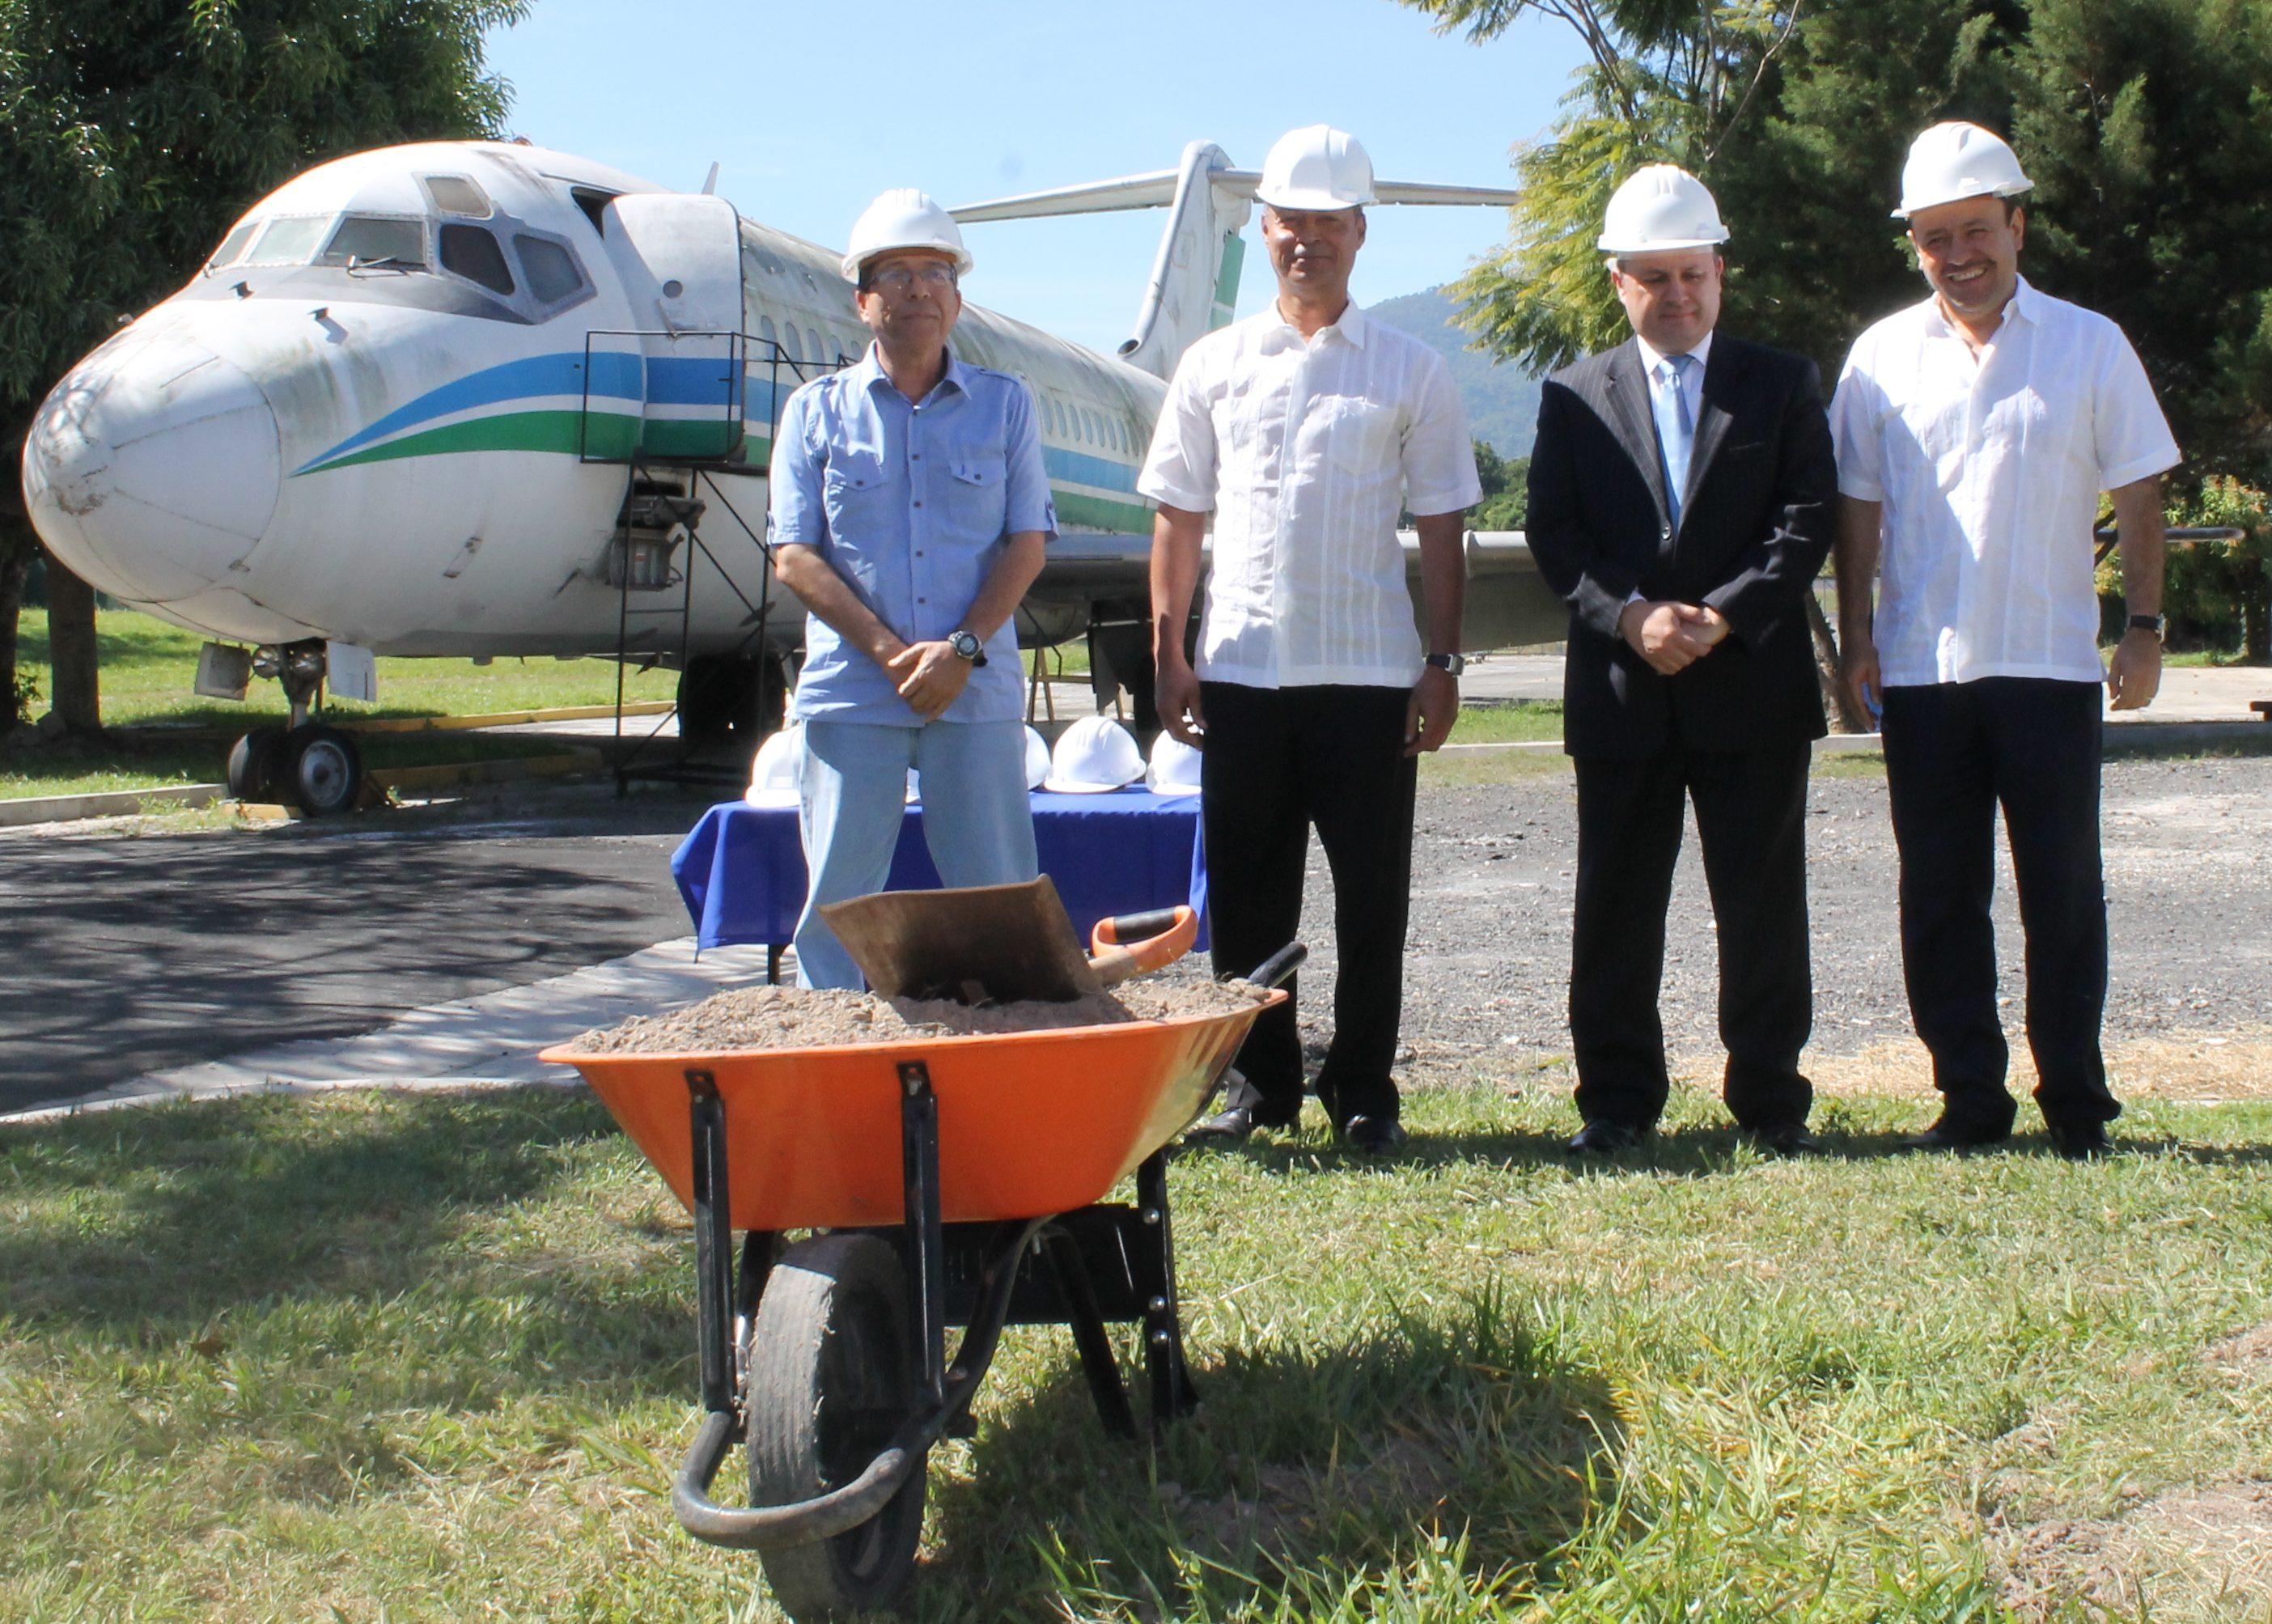 COLOCAN PRIMERA PIEDRA DEL PROGRAMA DE FORMACIÓN TÉCNICO EN MANTENIMIENTO AERONÁUTICO CON ESPECIALIDAD